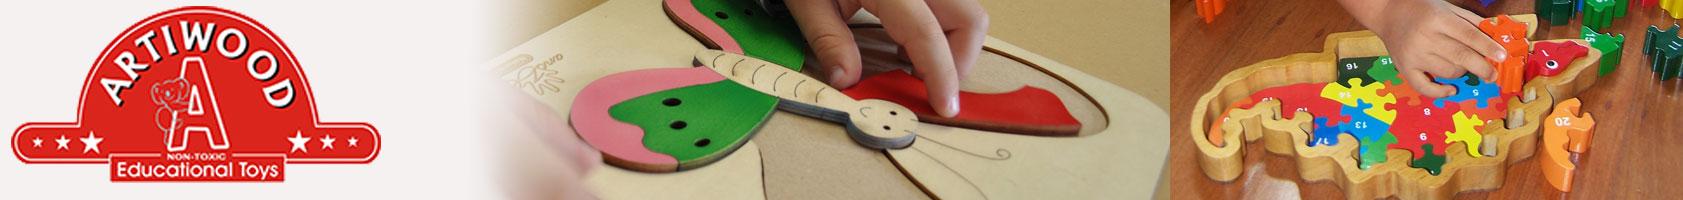 artiwood-wooden-jigsaw-puzzles.jpg